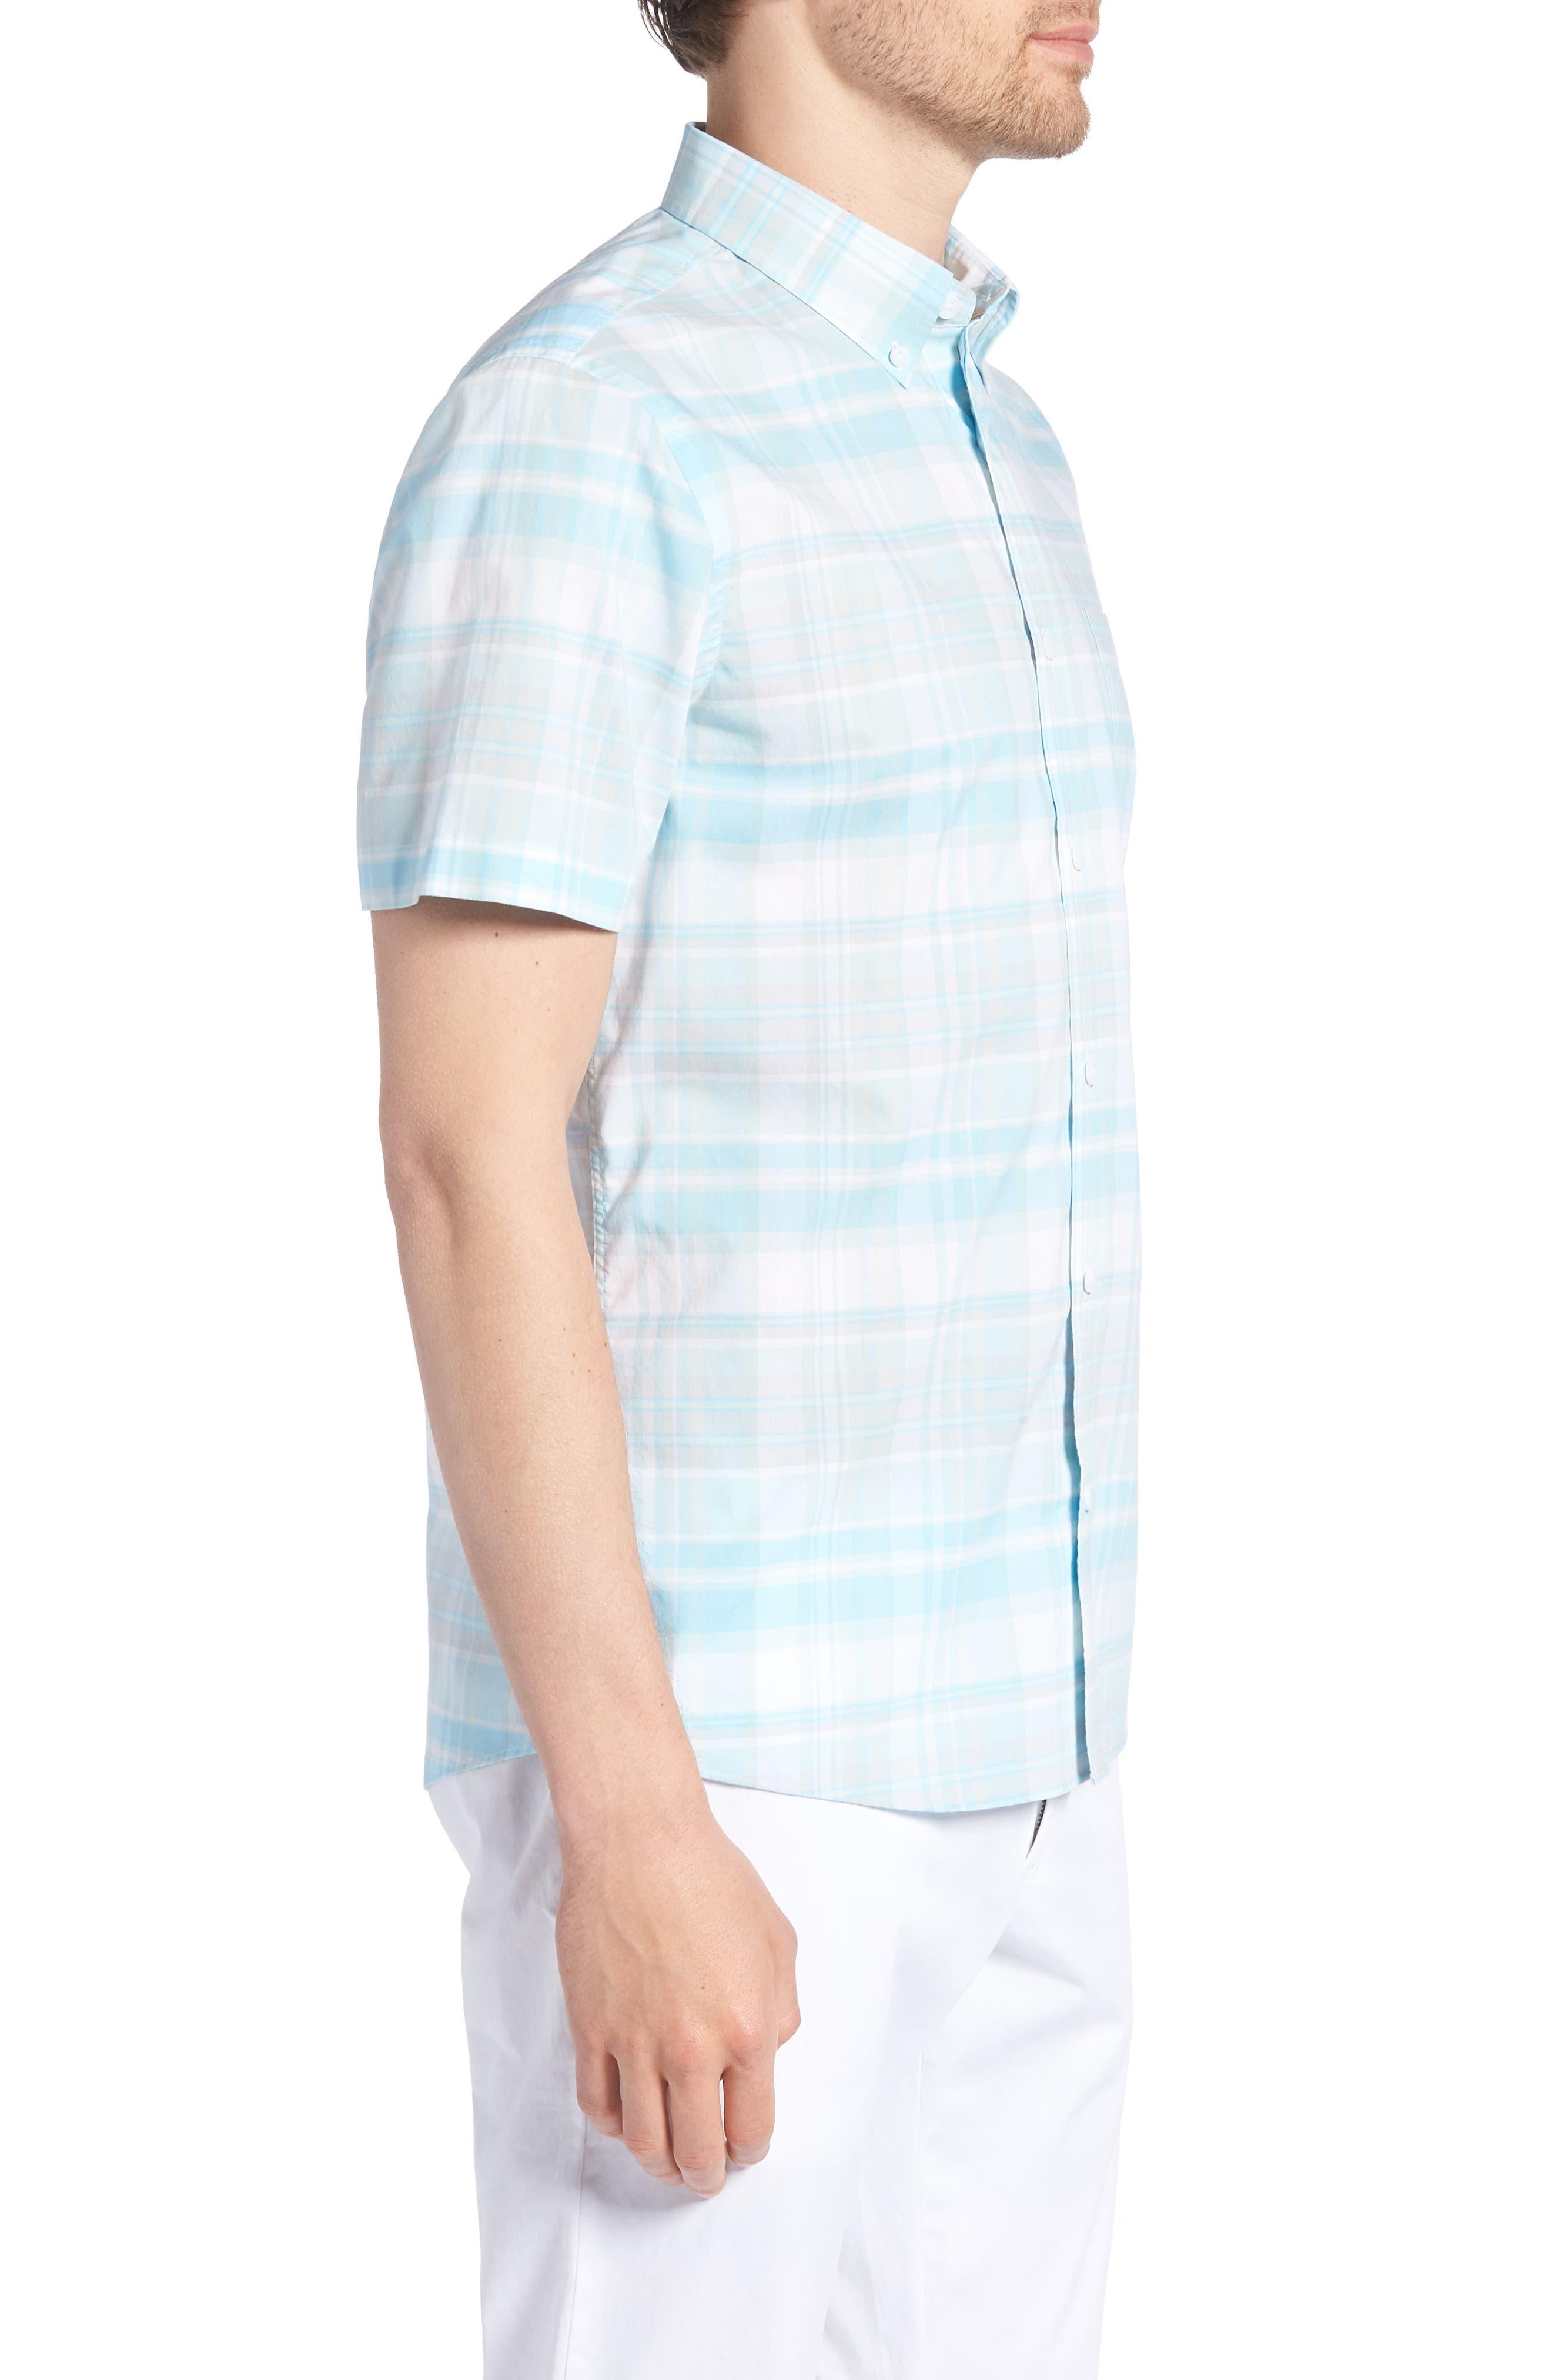 Trim Fit Plaid Sport Shirt,                             Alternate thumbnail 4, color,                             Blue Orydalis Teal Plaid